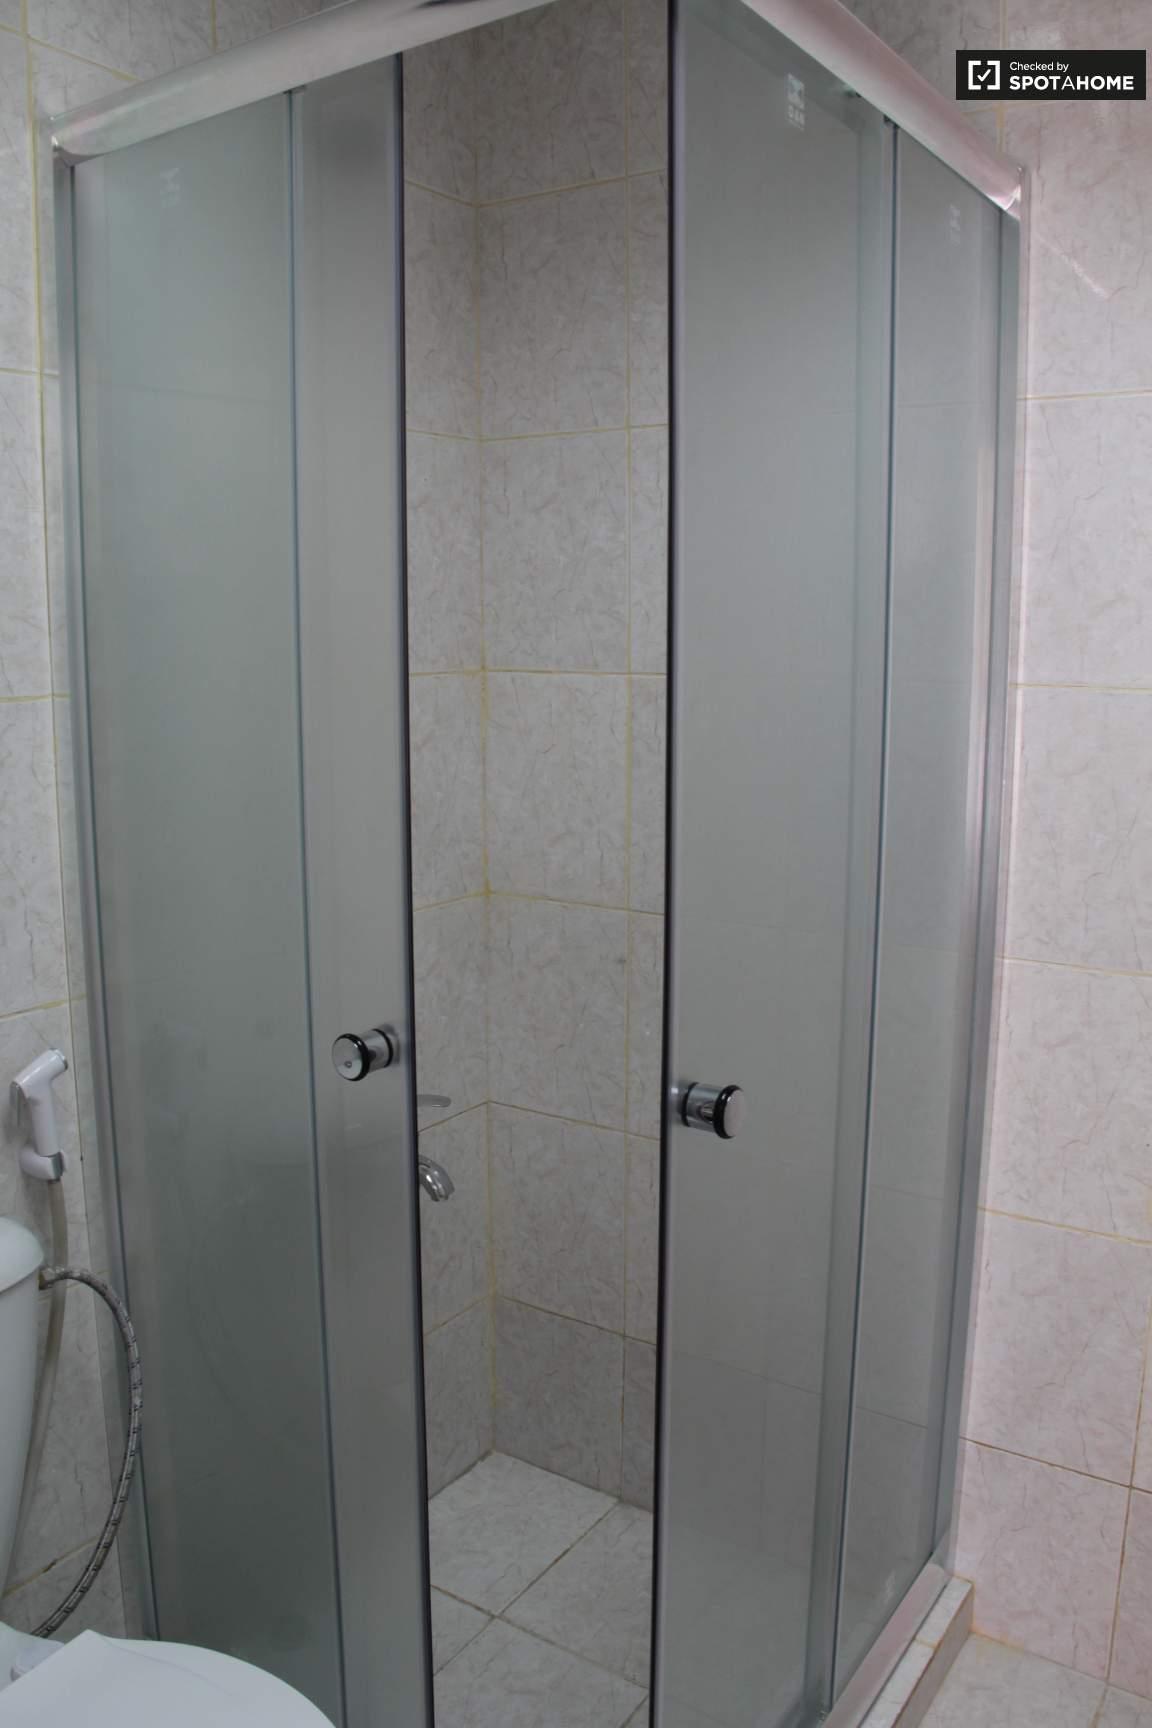 Bedroom 3 Ensuite Bathroom